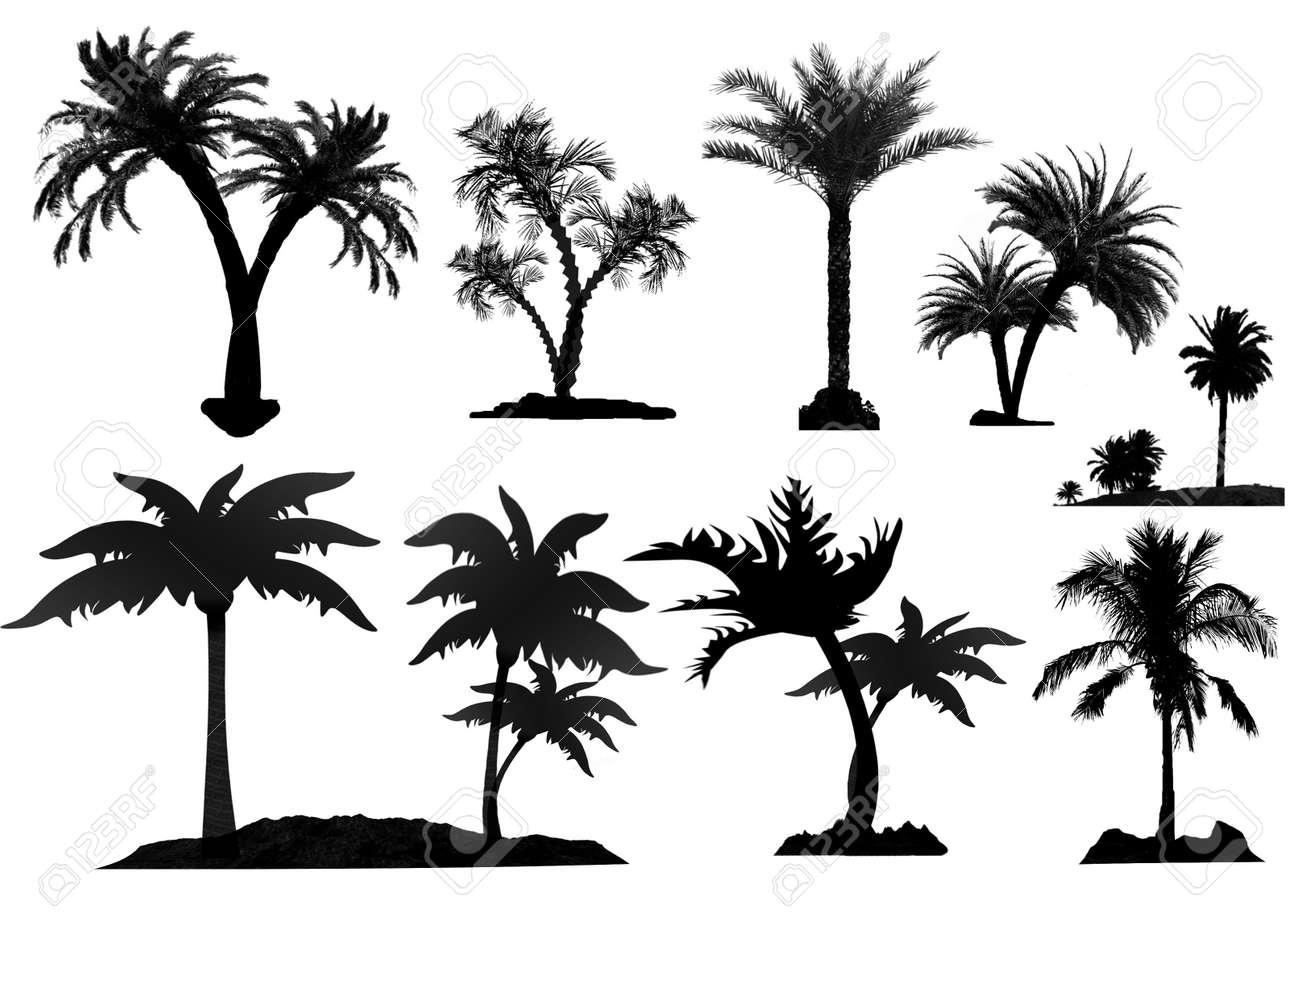 ヤシの木のシルエット ベクトル イラスト白い背景の上のイラスト素材